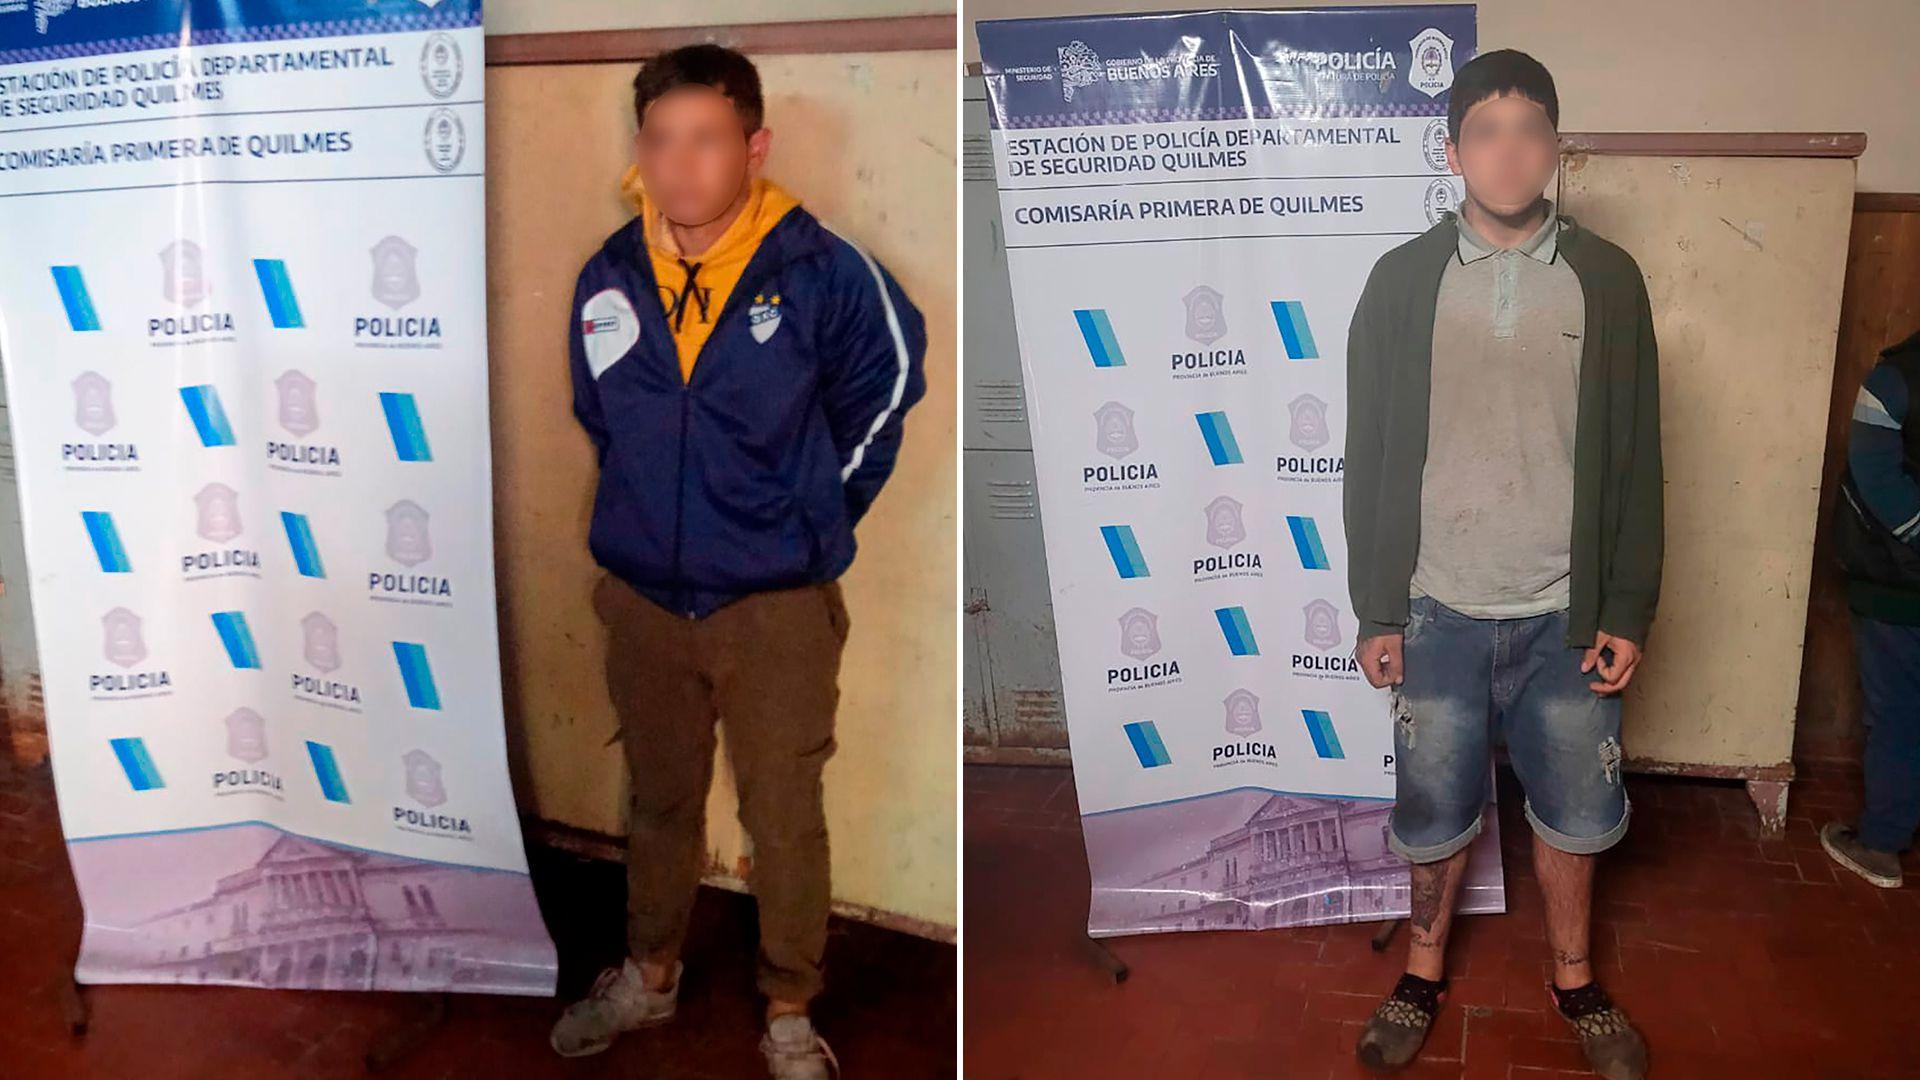 Repudio crimen adolescente en Quilmes